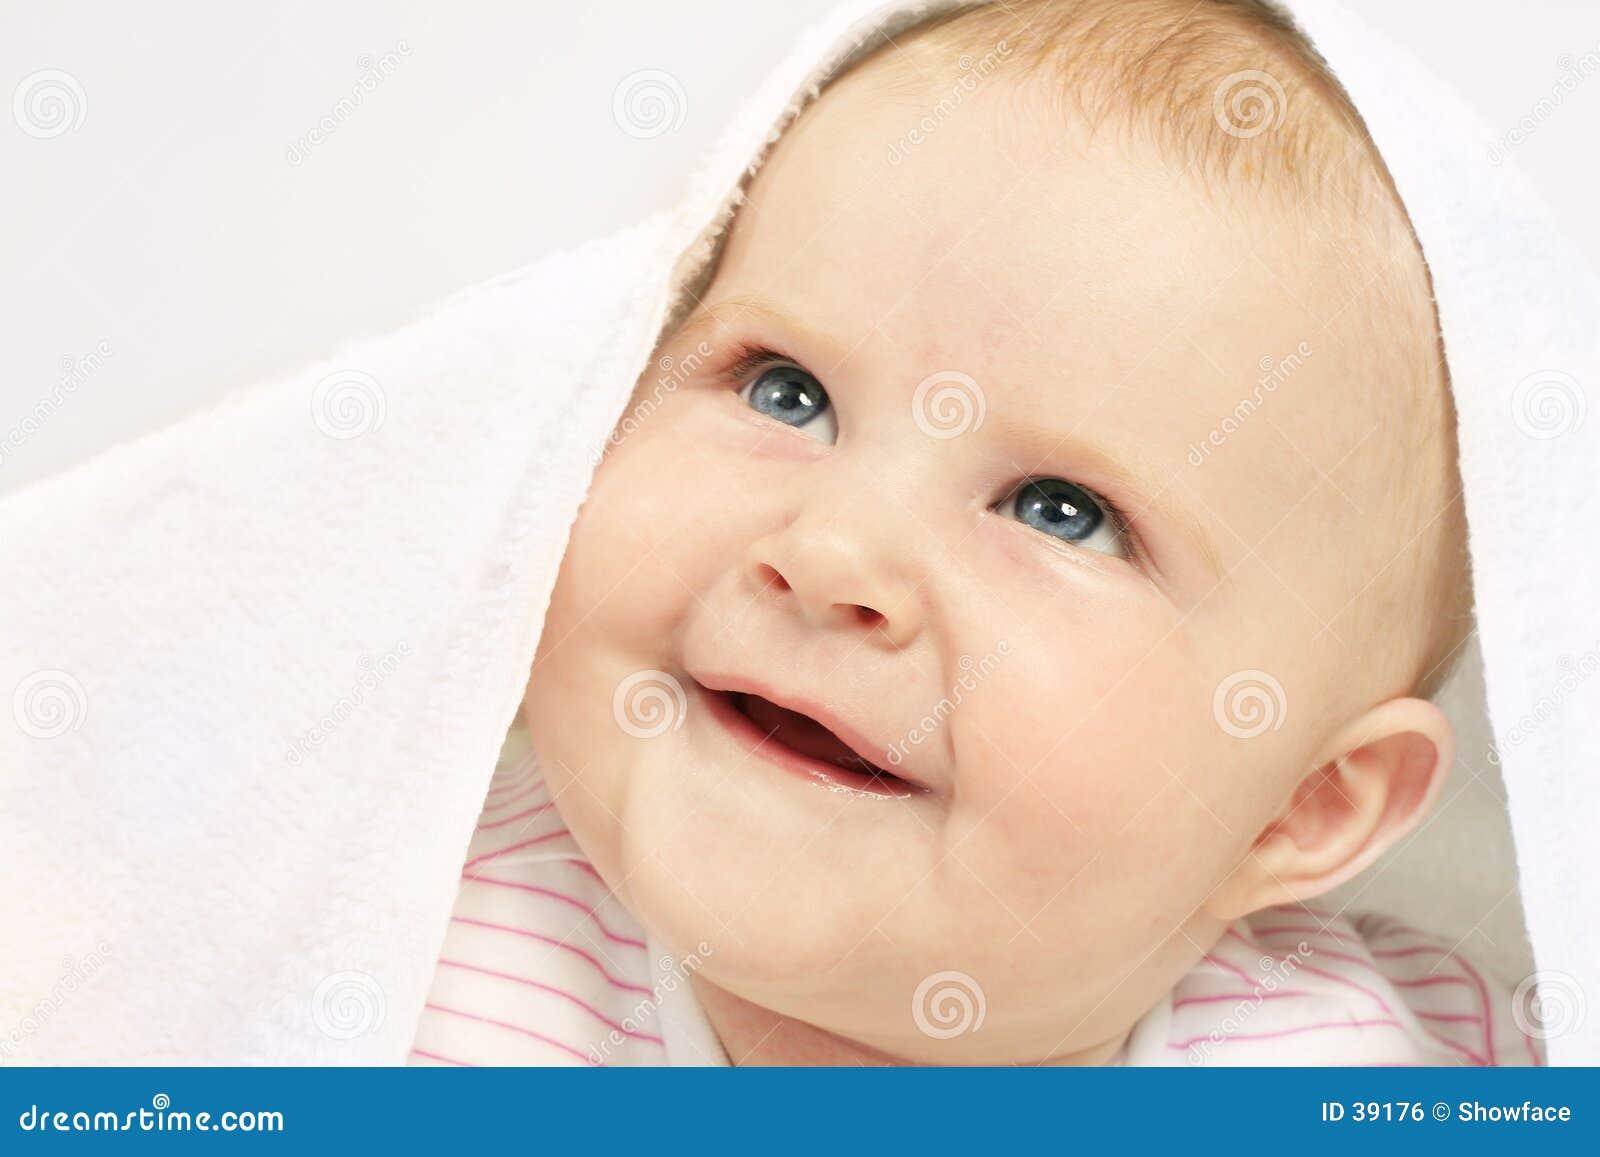 Olhos azuis começ do bebê